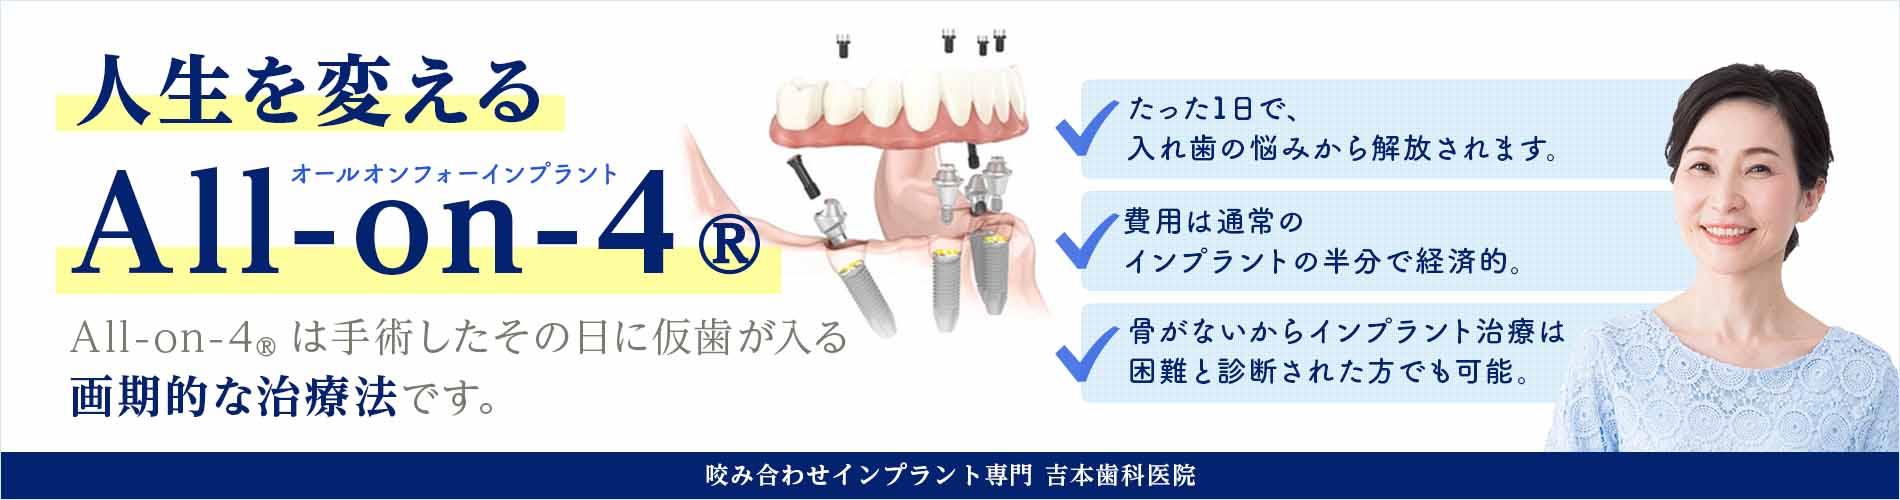 たった1日で入れ歯の悩みから解放されます。